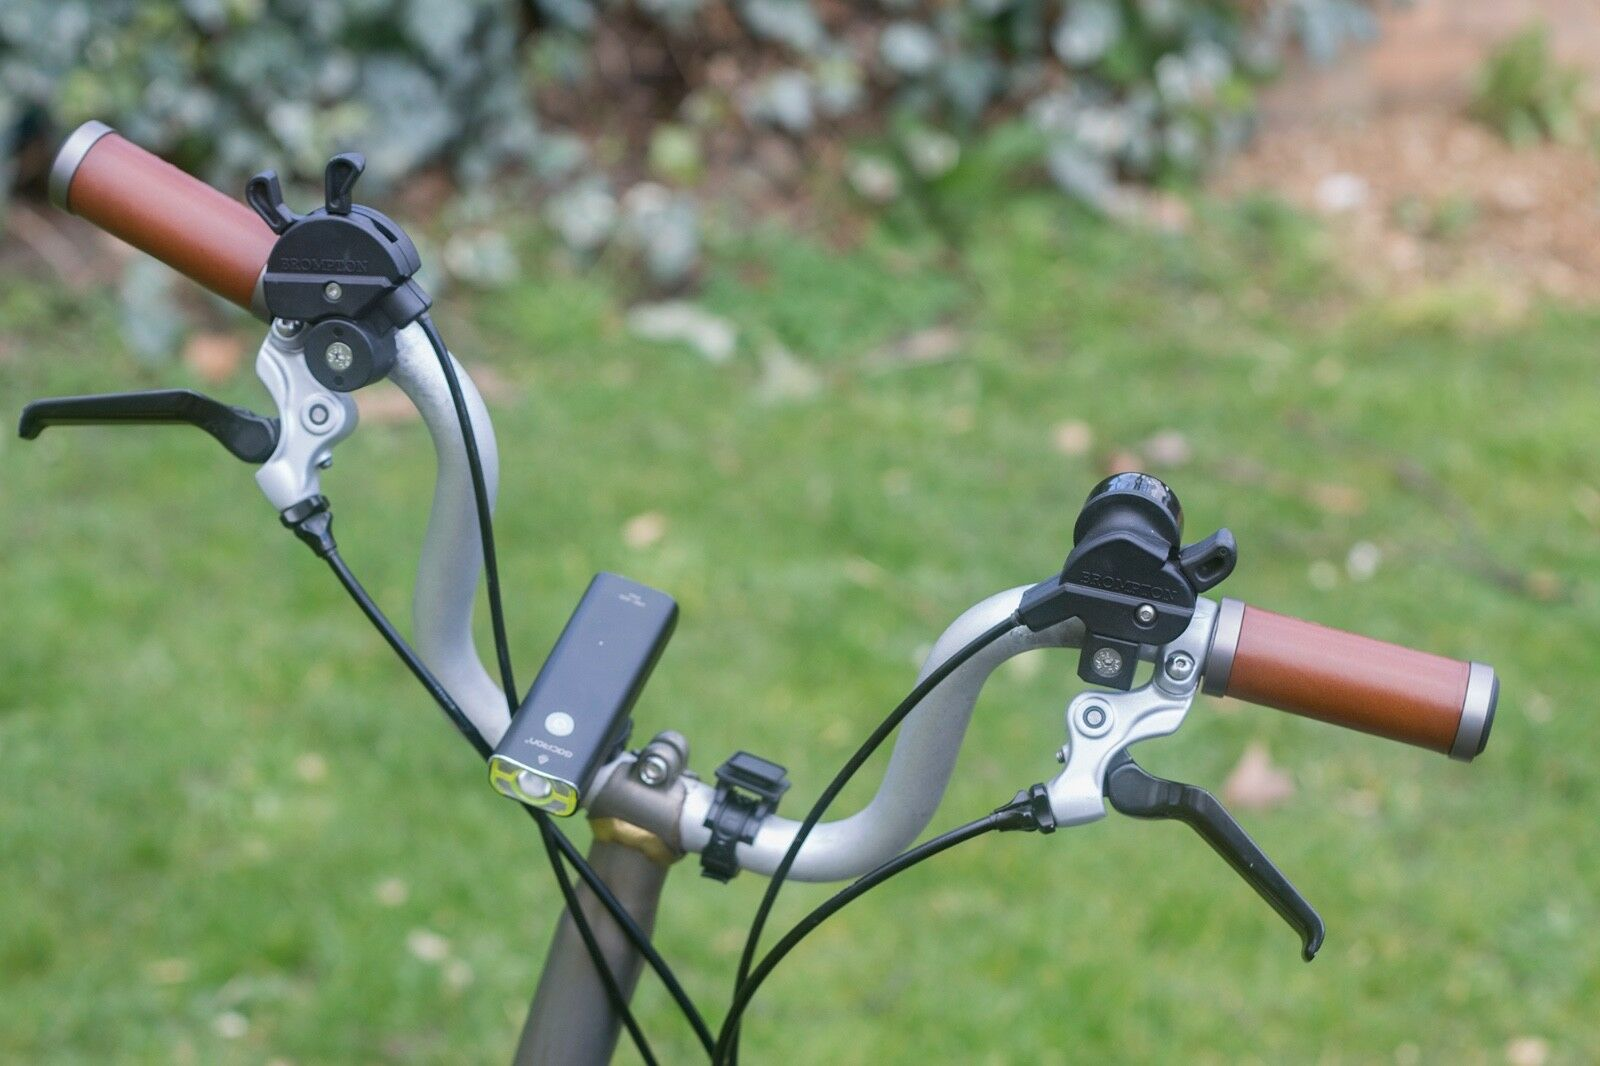 BROMPTON M/H/S Cuir Poignées M/H/S BROMPTON type Guidon Court Droite ergonomique noir marron 62037b